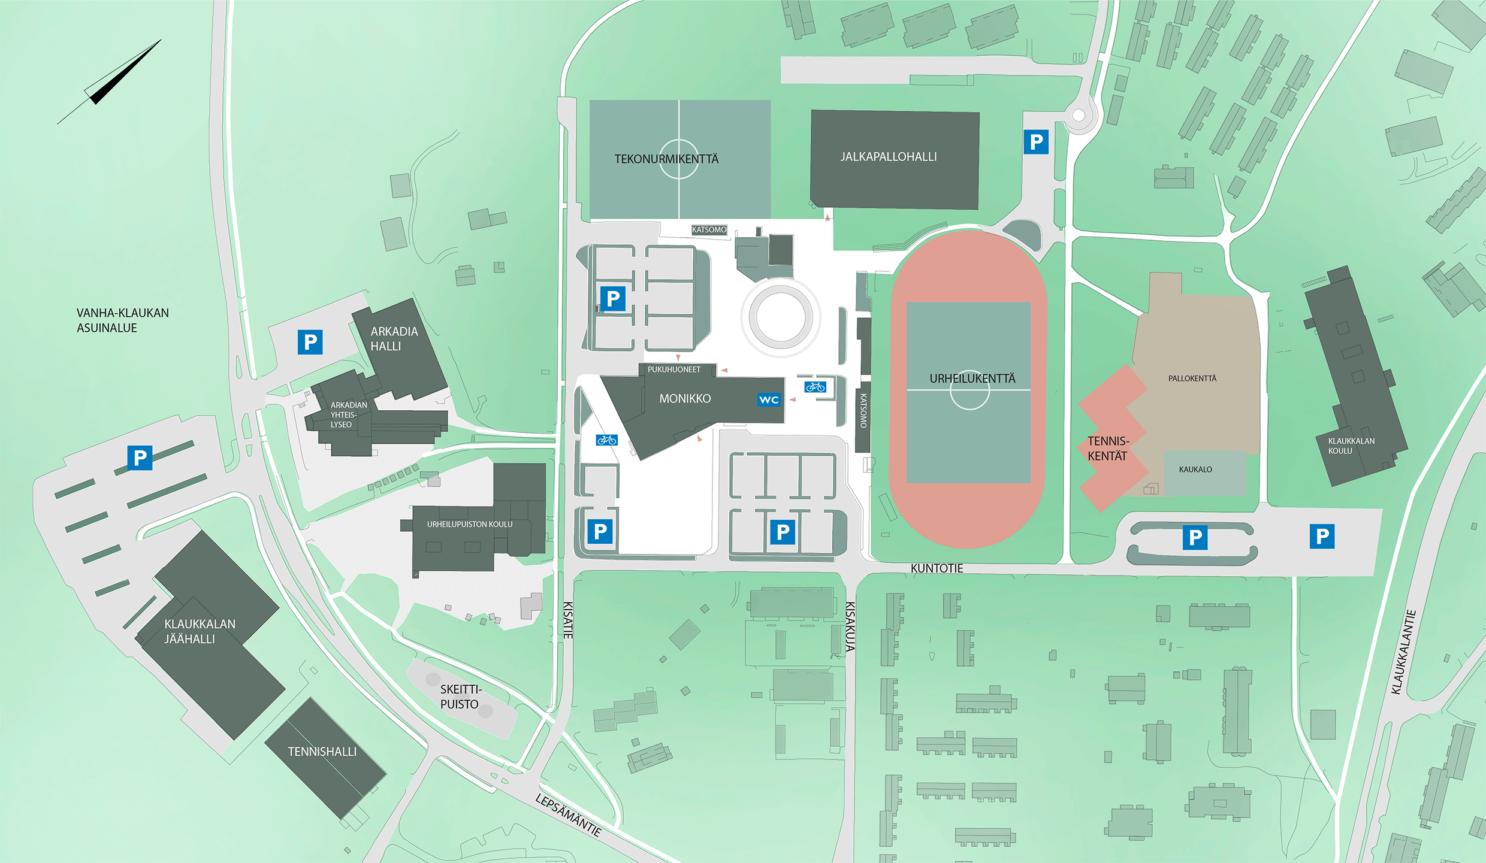 Vanha-Klaukka ja Klaukkalan kampusalueen kartta